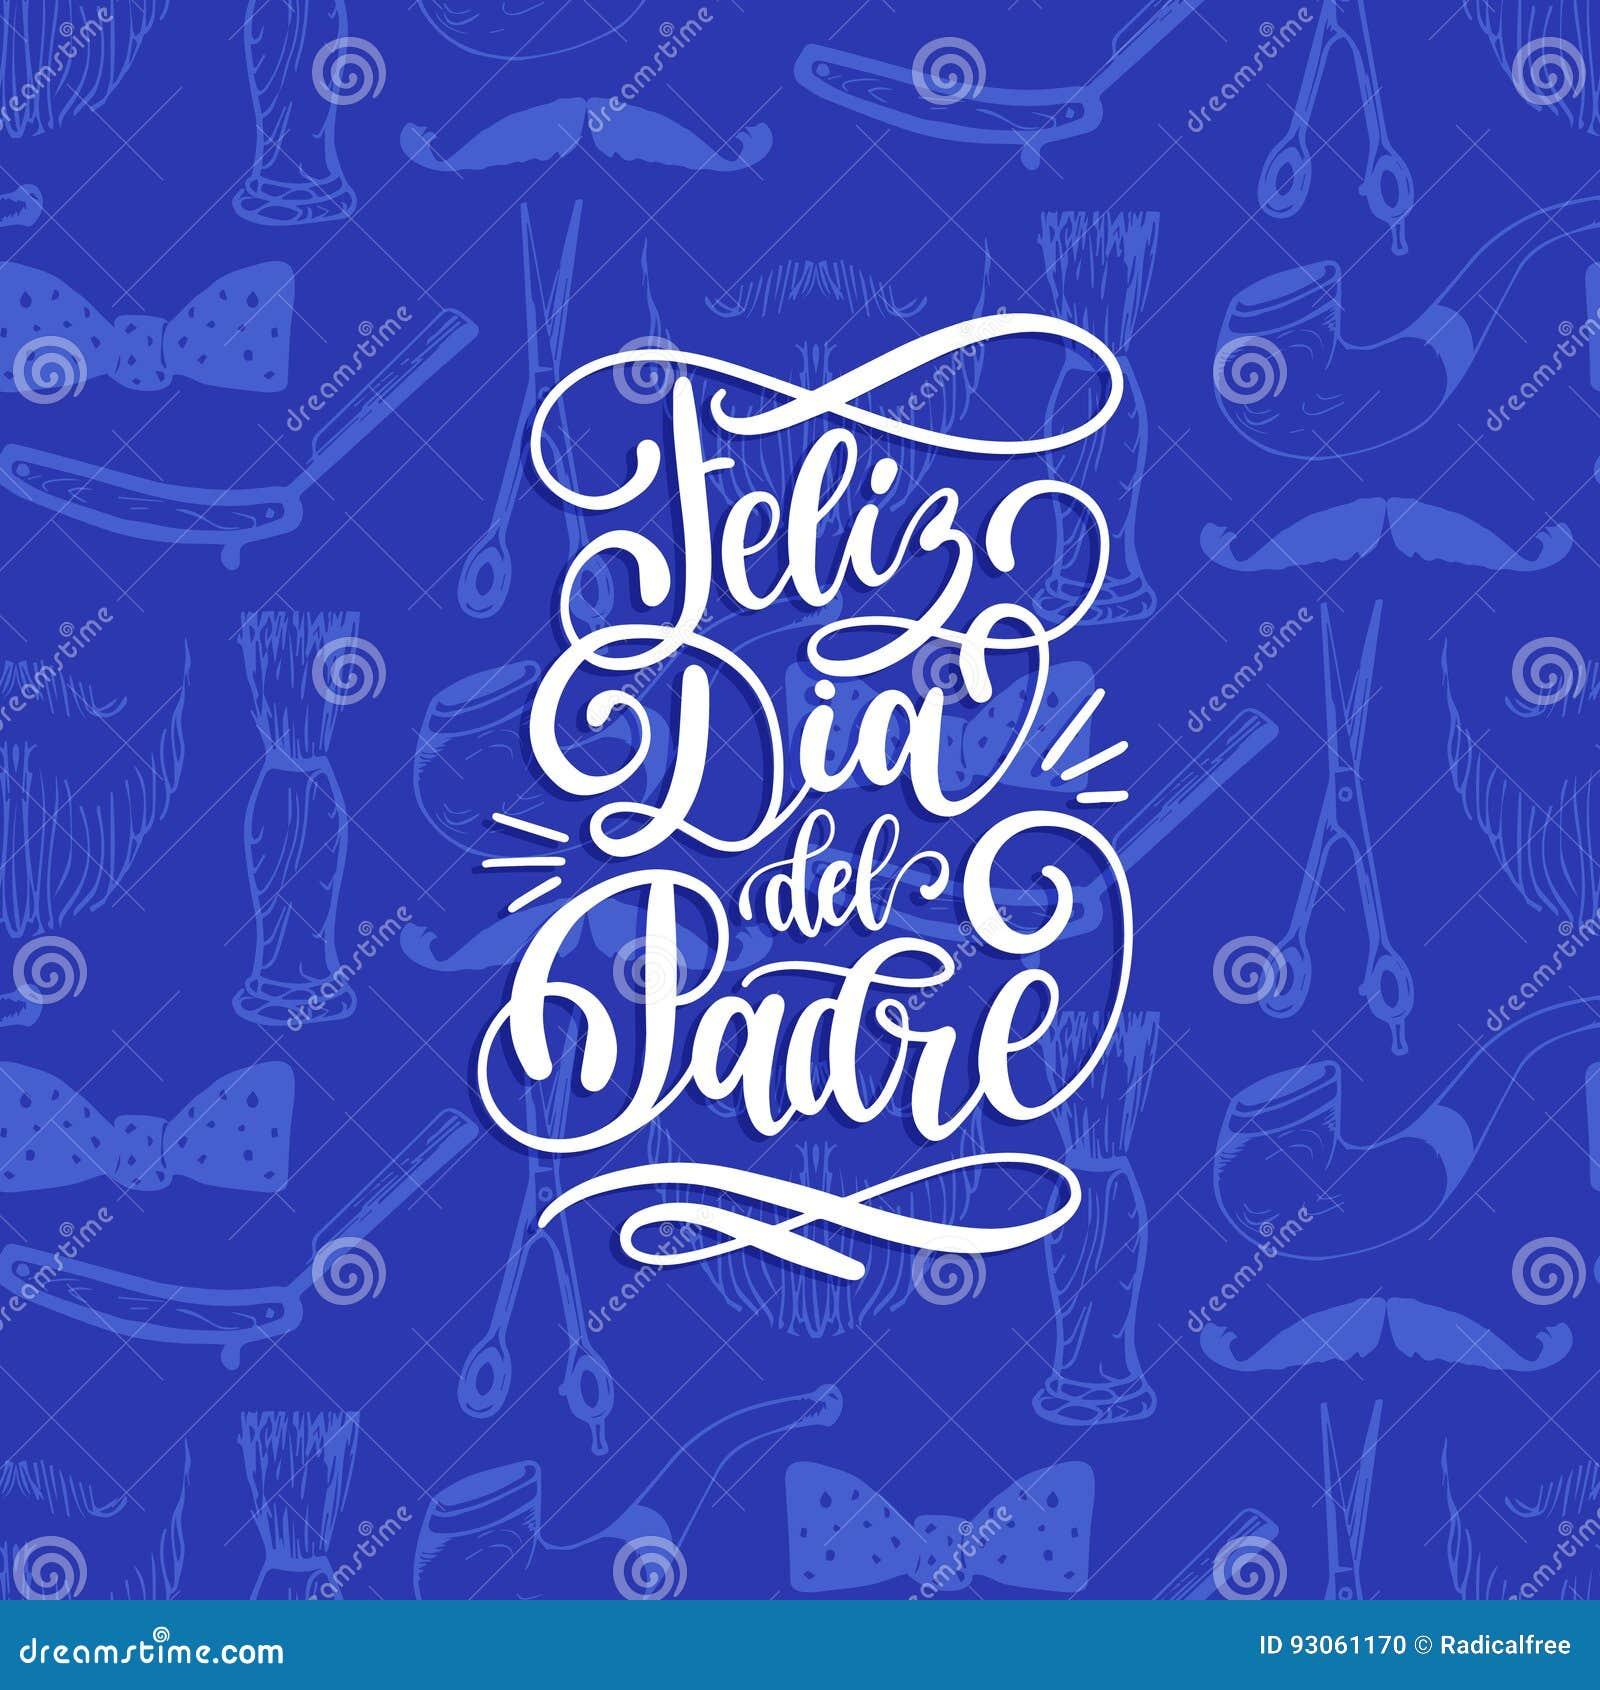 Feliz Dia Del Padre, spanische Übersetzung der glücklichen kalligraphischen Aufschrift des Vatertags für Grußkarte, Plakat usw.